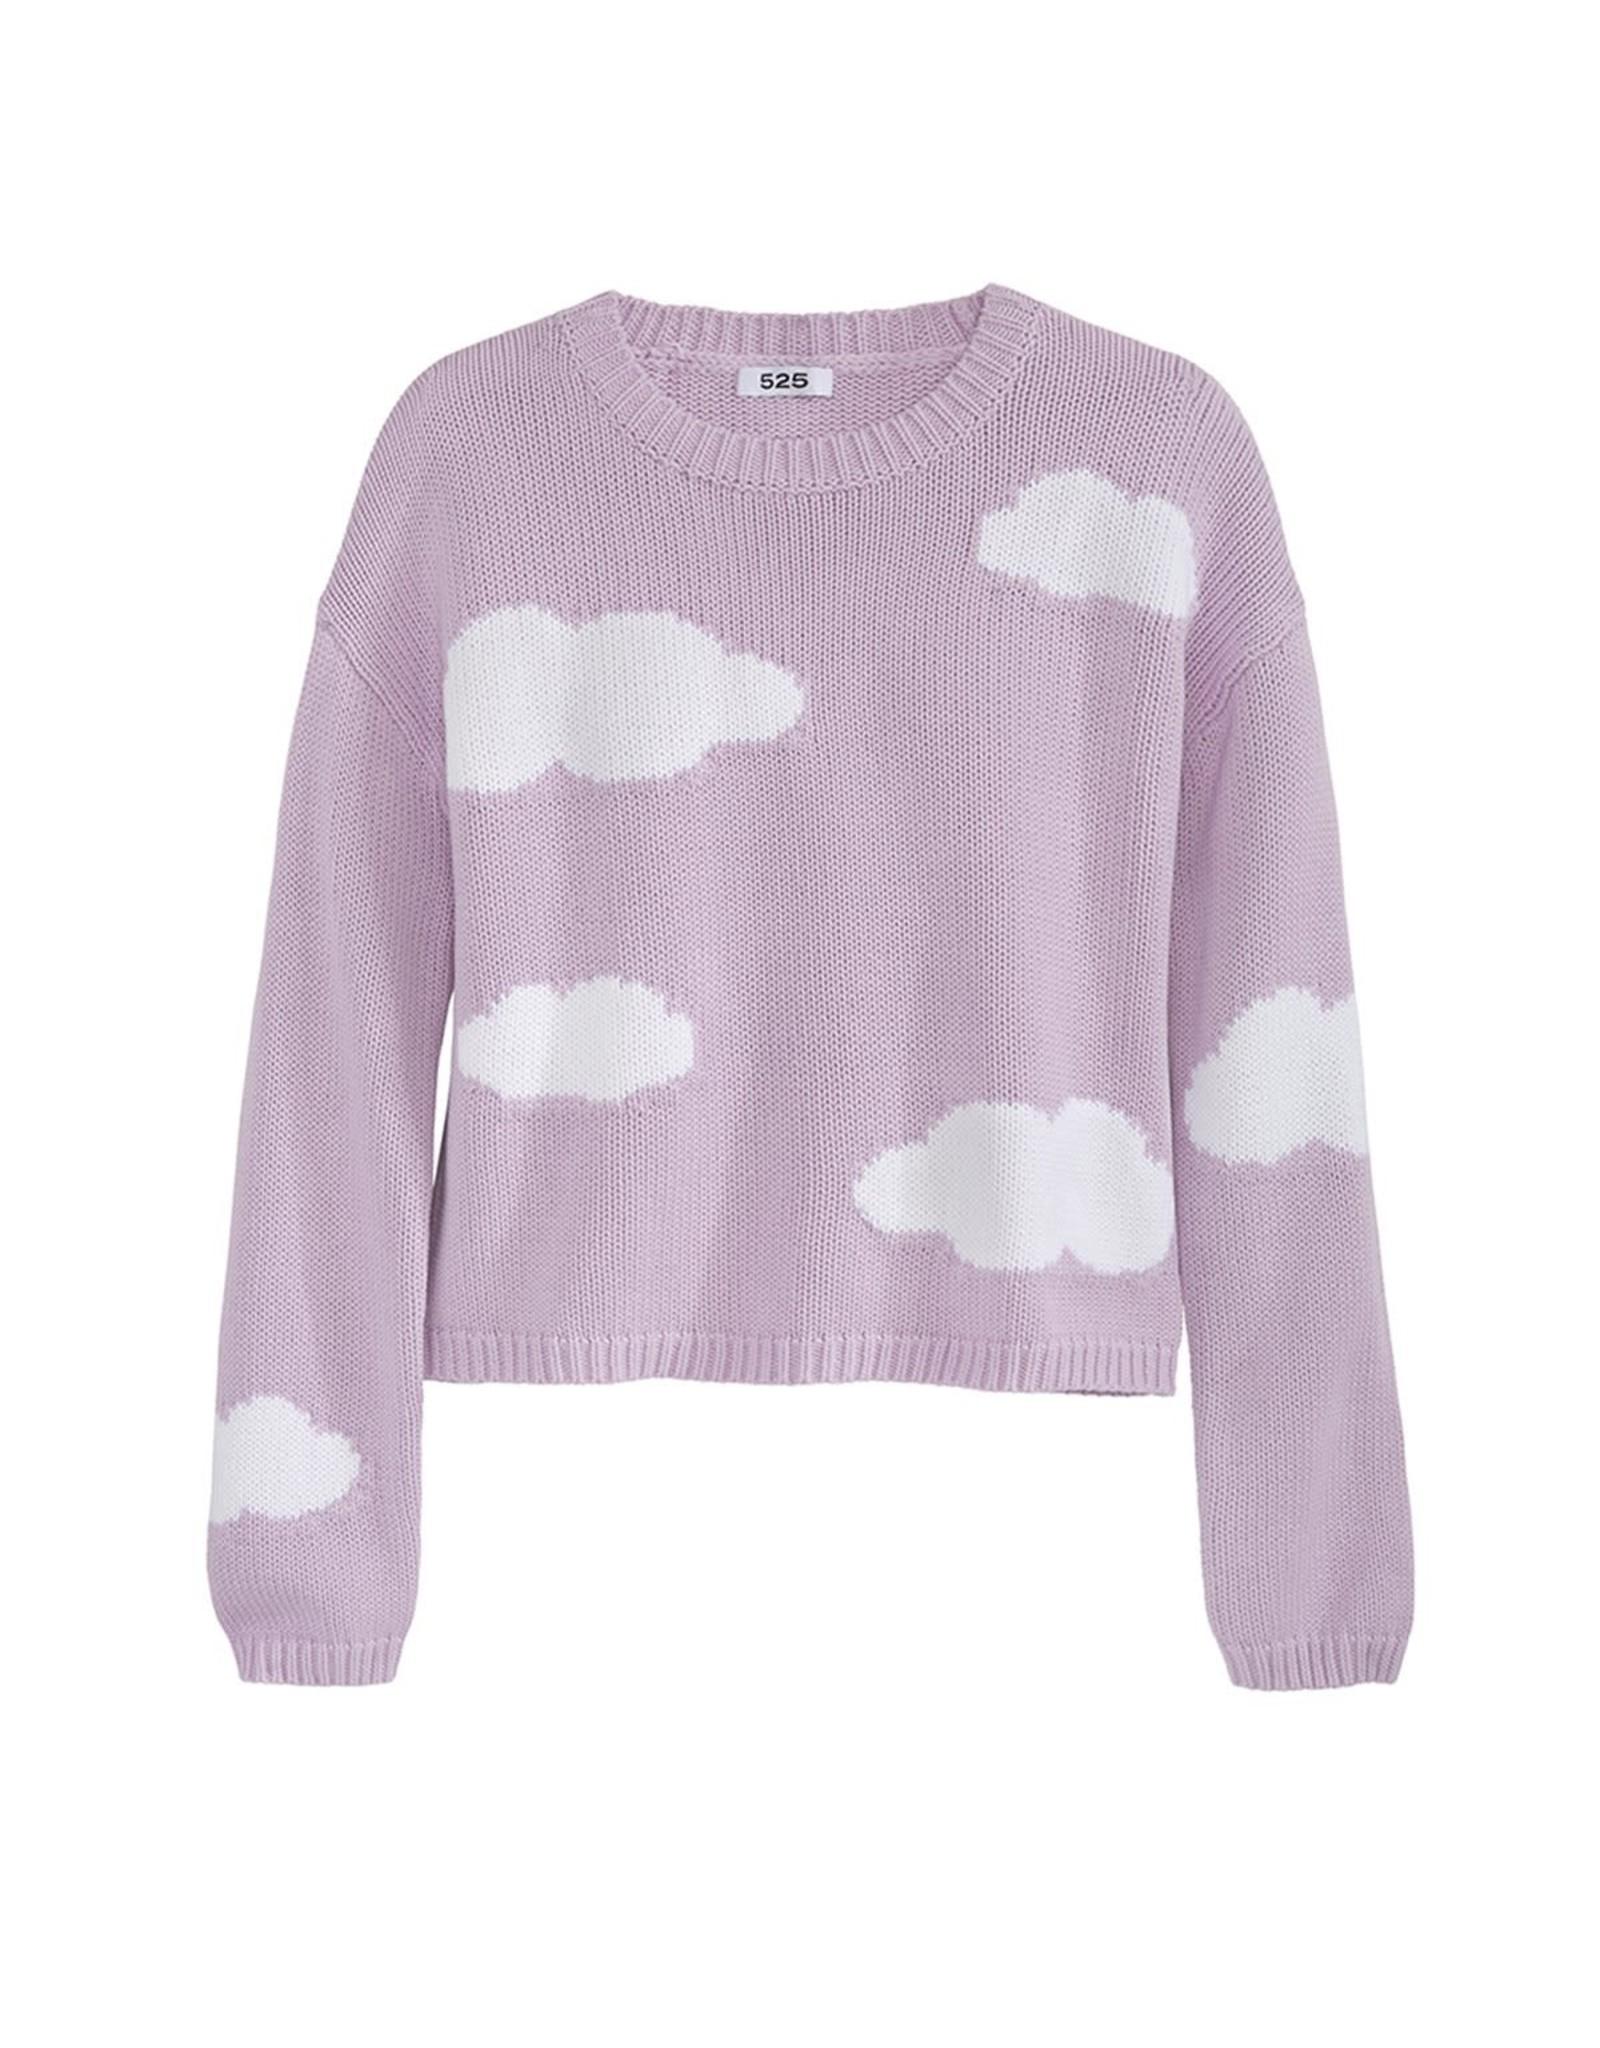 525 AMERICA Send in the Clouds Crewneck Sweater